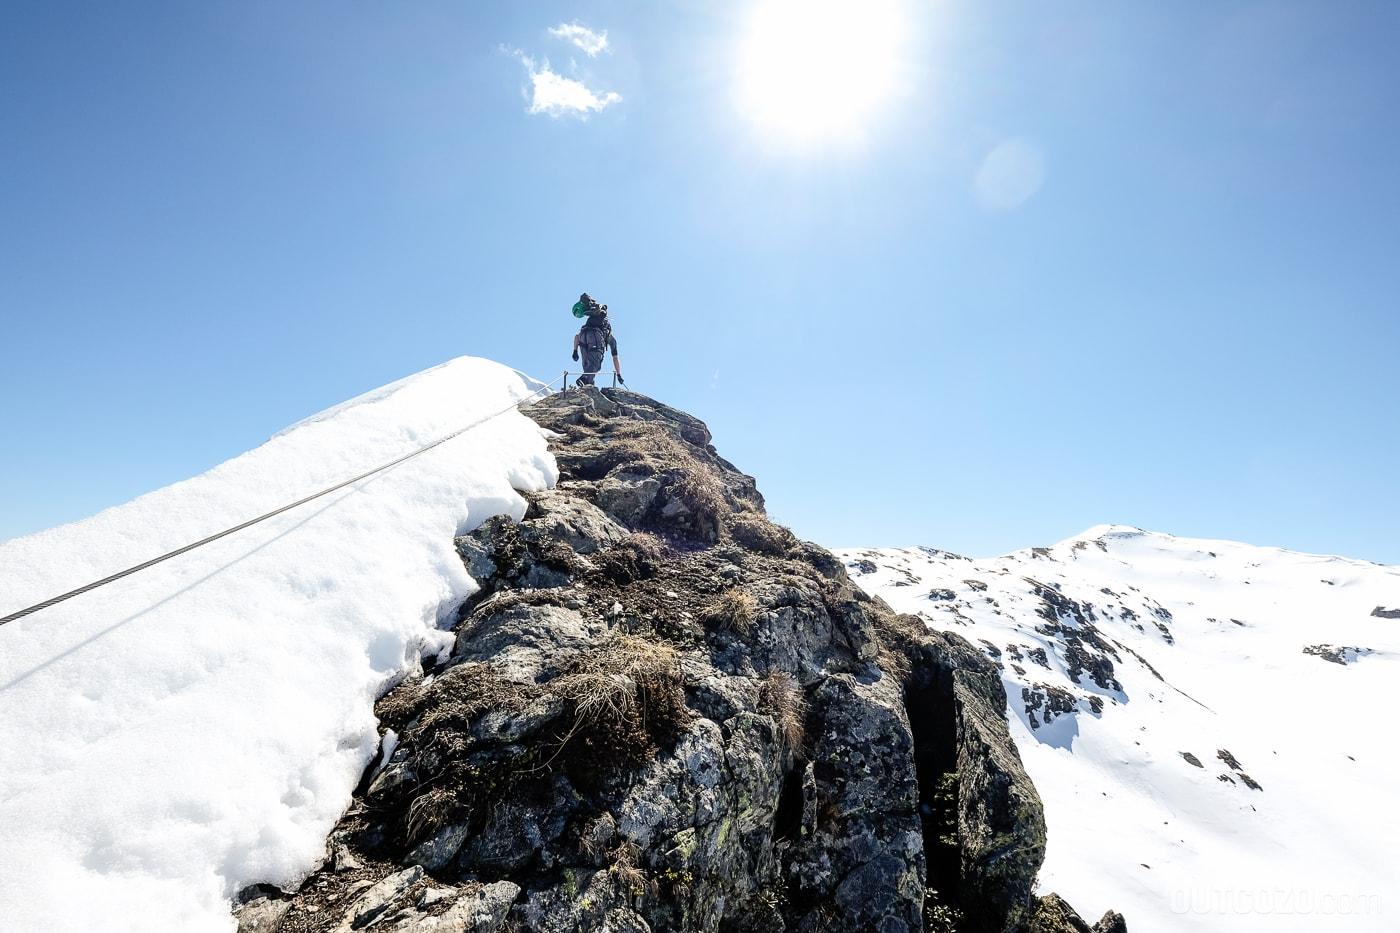 Klettersteig Burg : Neuer klettersteig im montafon berg und ski nachrichten